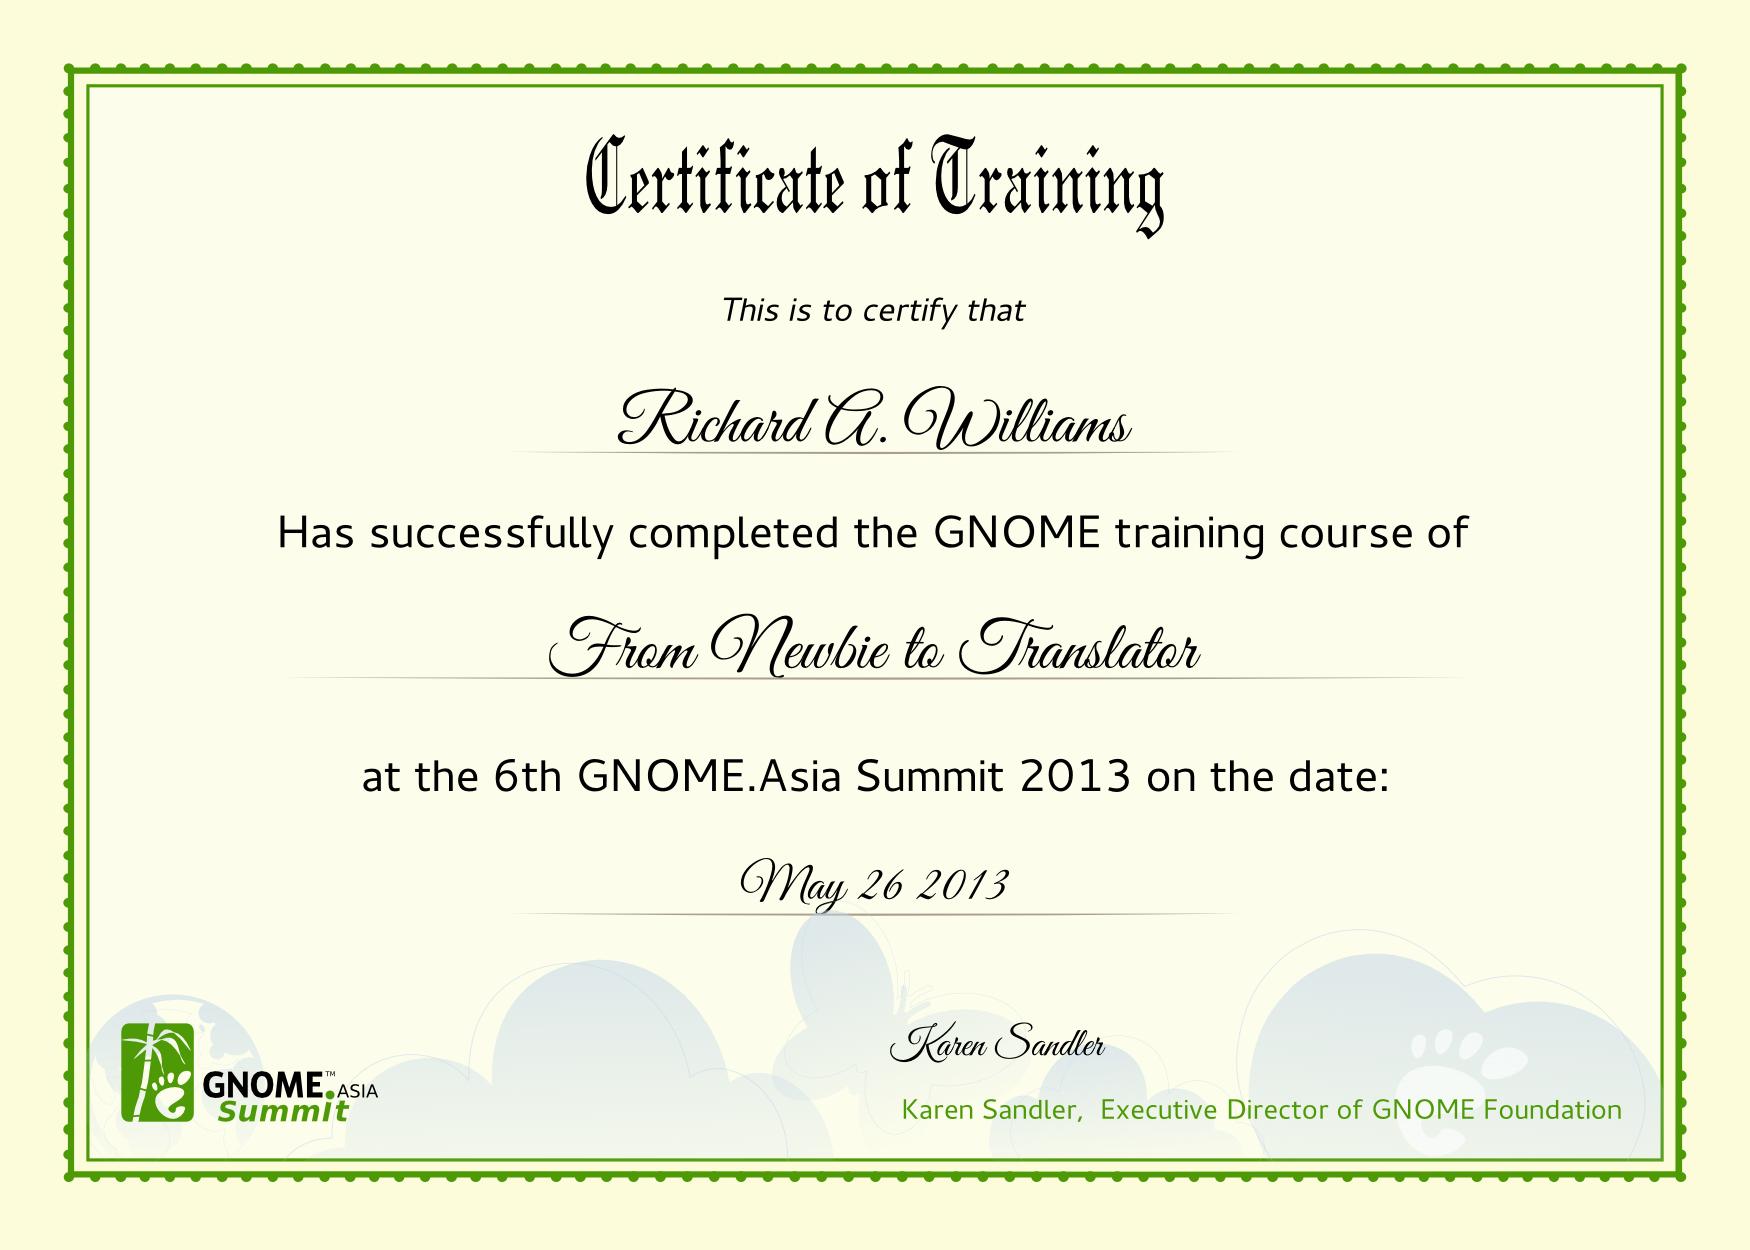 Leadership Award Certificate Template - Atlantaauctionco With Leadership Award Certificate Template